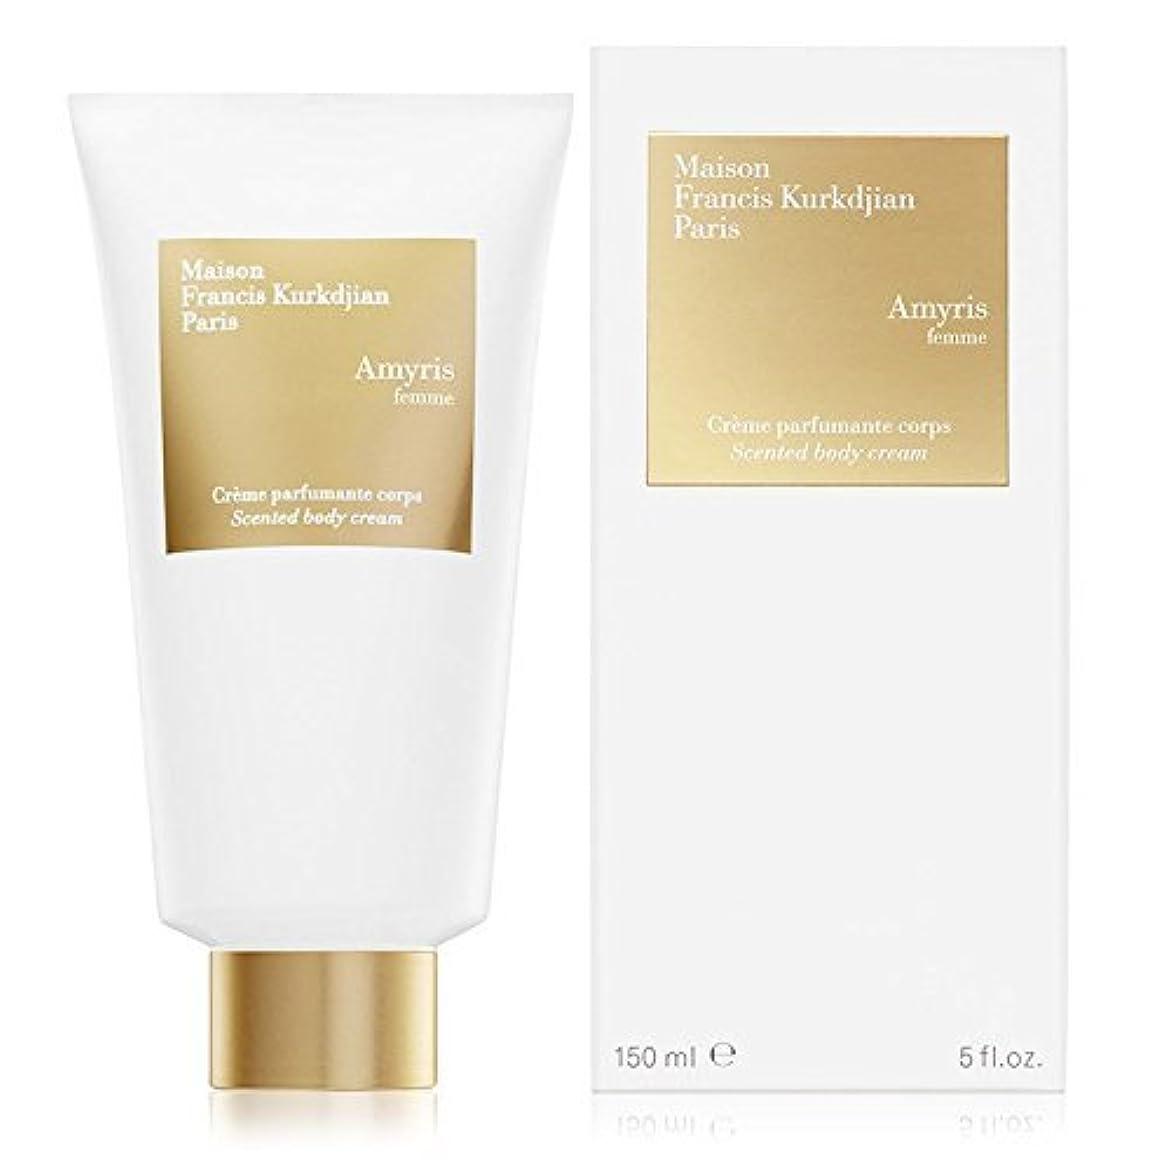 蓮磁器大宇宙Maison Francis Kurkdjian Amyris Femme Scented Body Cream(メゾン フランシス クルジャン アミリス ファム ボディクリーム)150ml [並行輸入品]